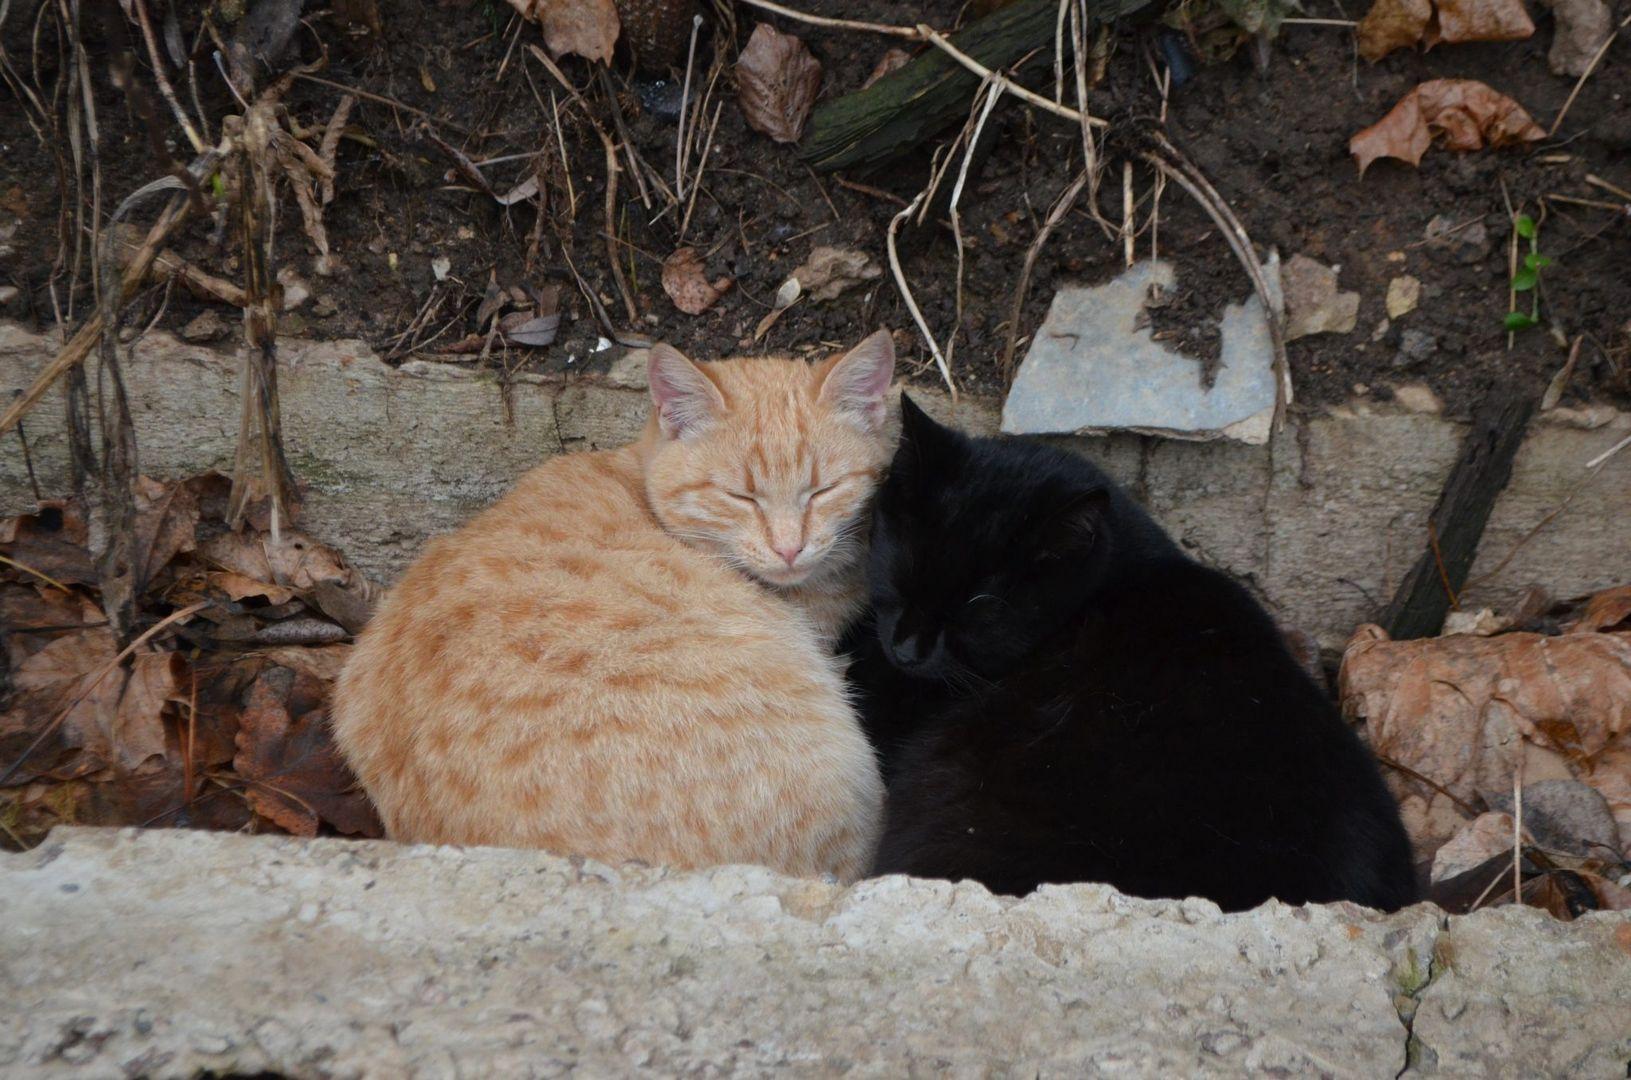 Бездомные коты и кошки, живущие у заброшенного много лет назад кафе на берегу Большого Садового пруда в Тимирязевском парке САО.